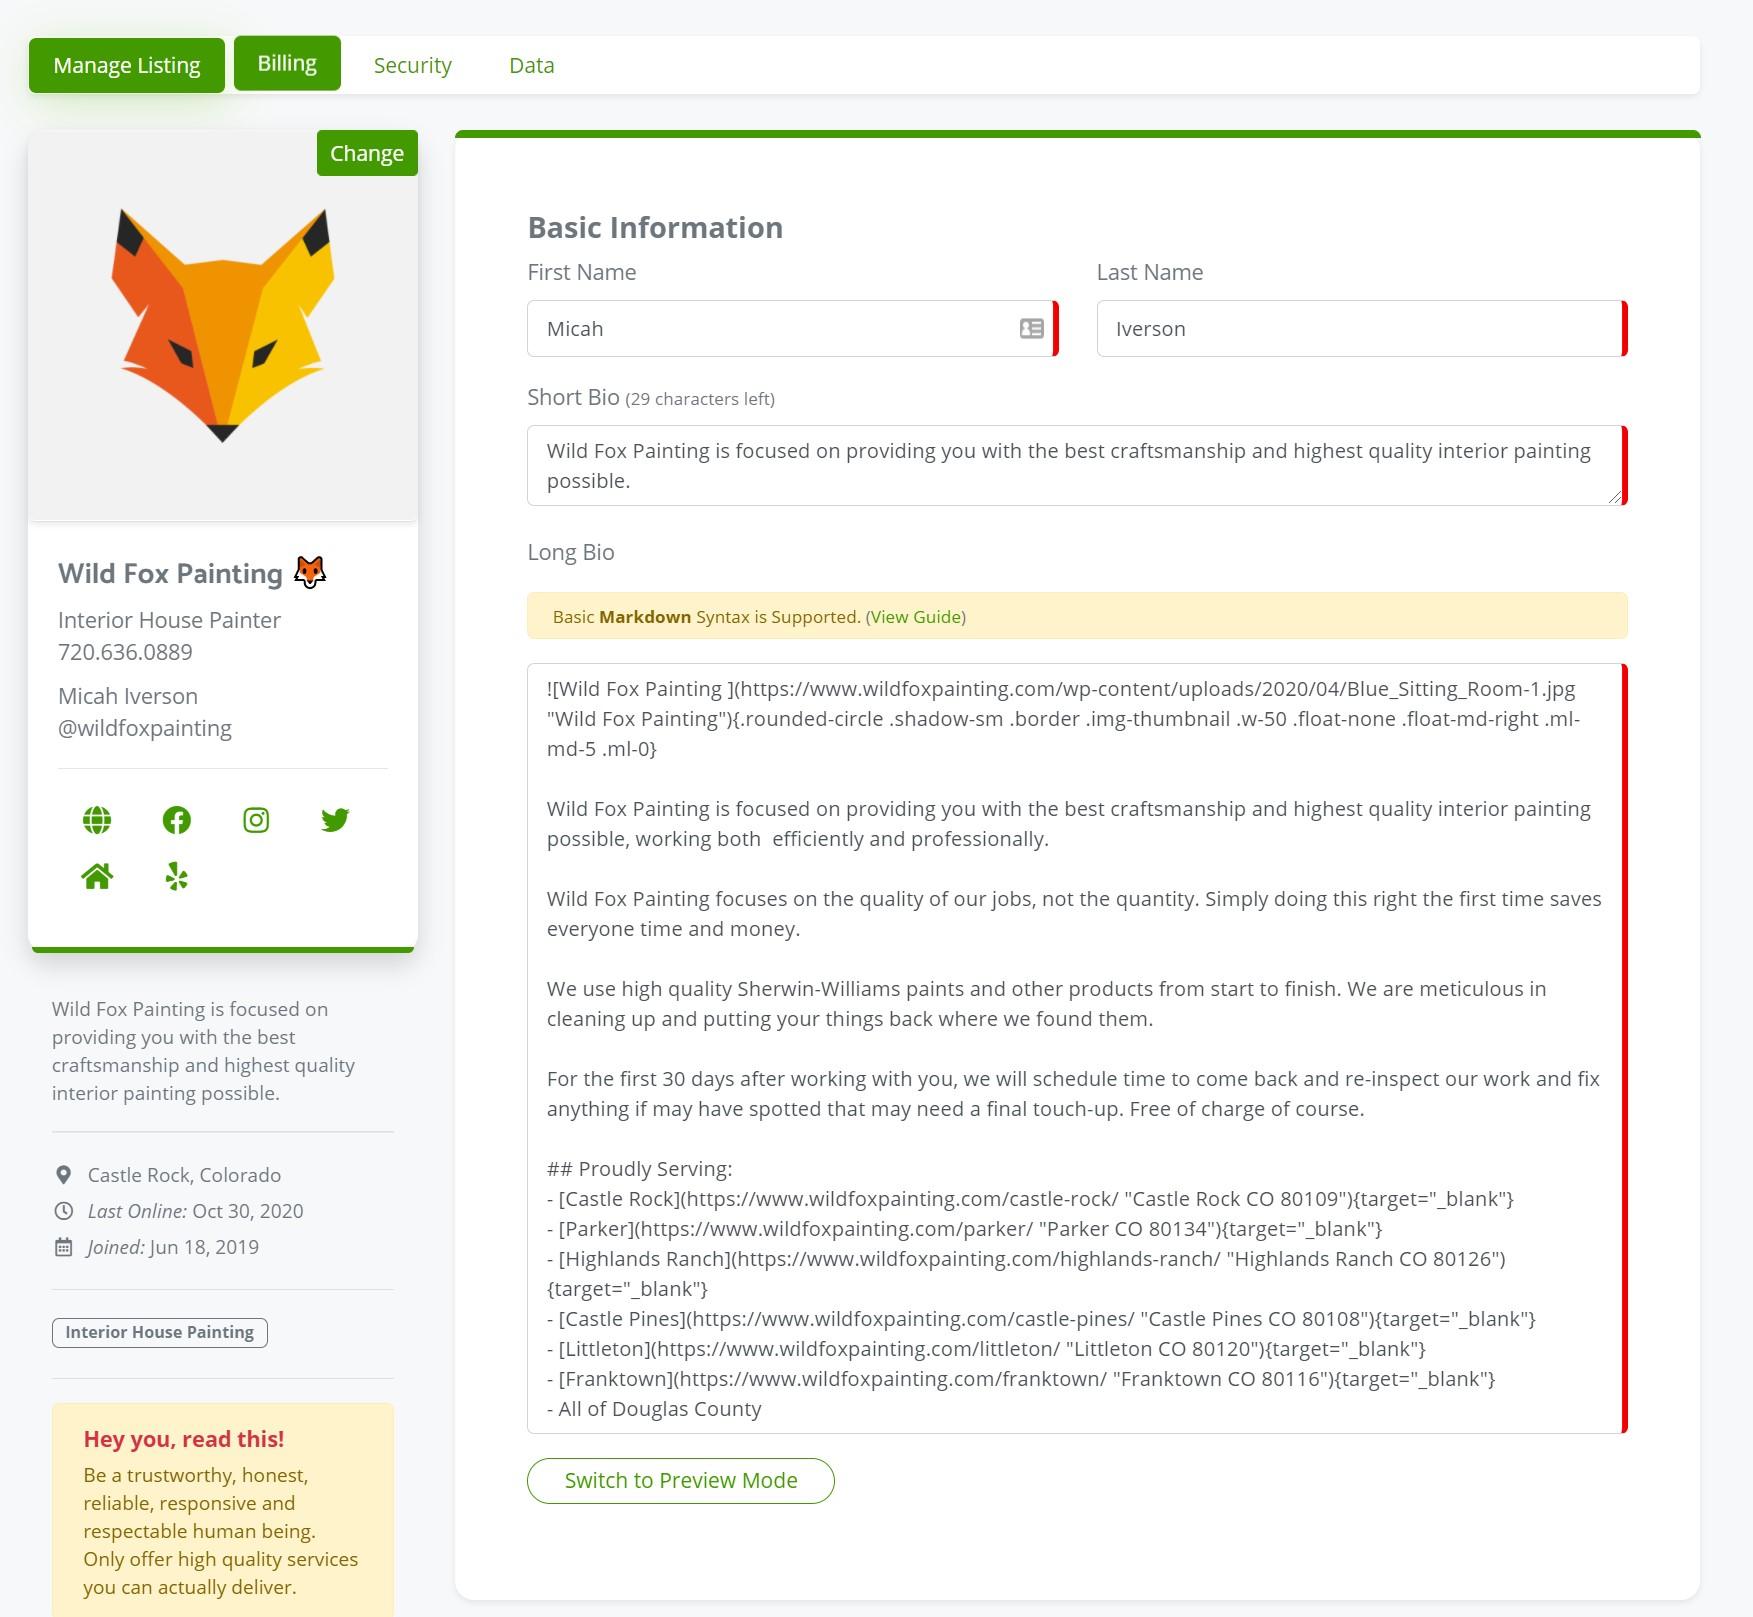 Basic Profile Information